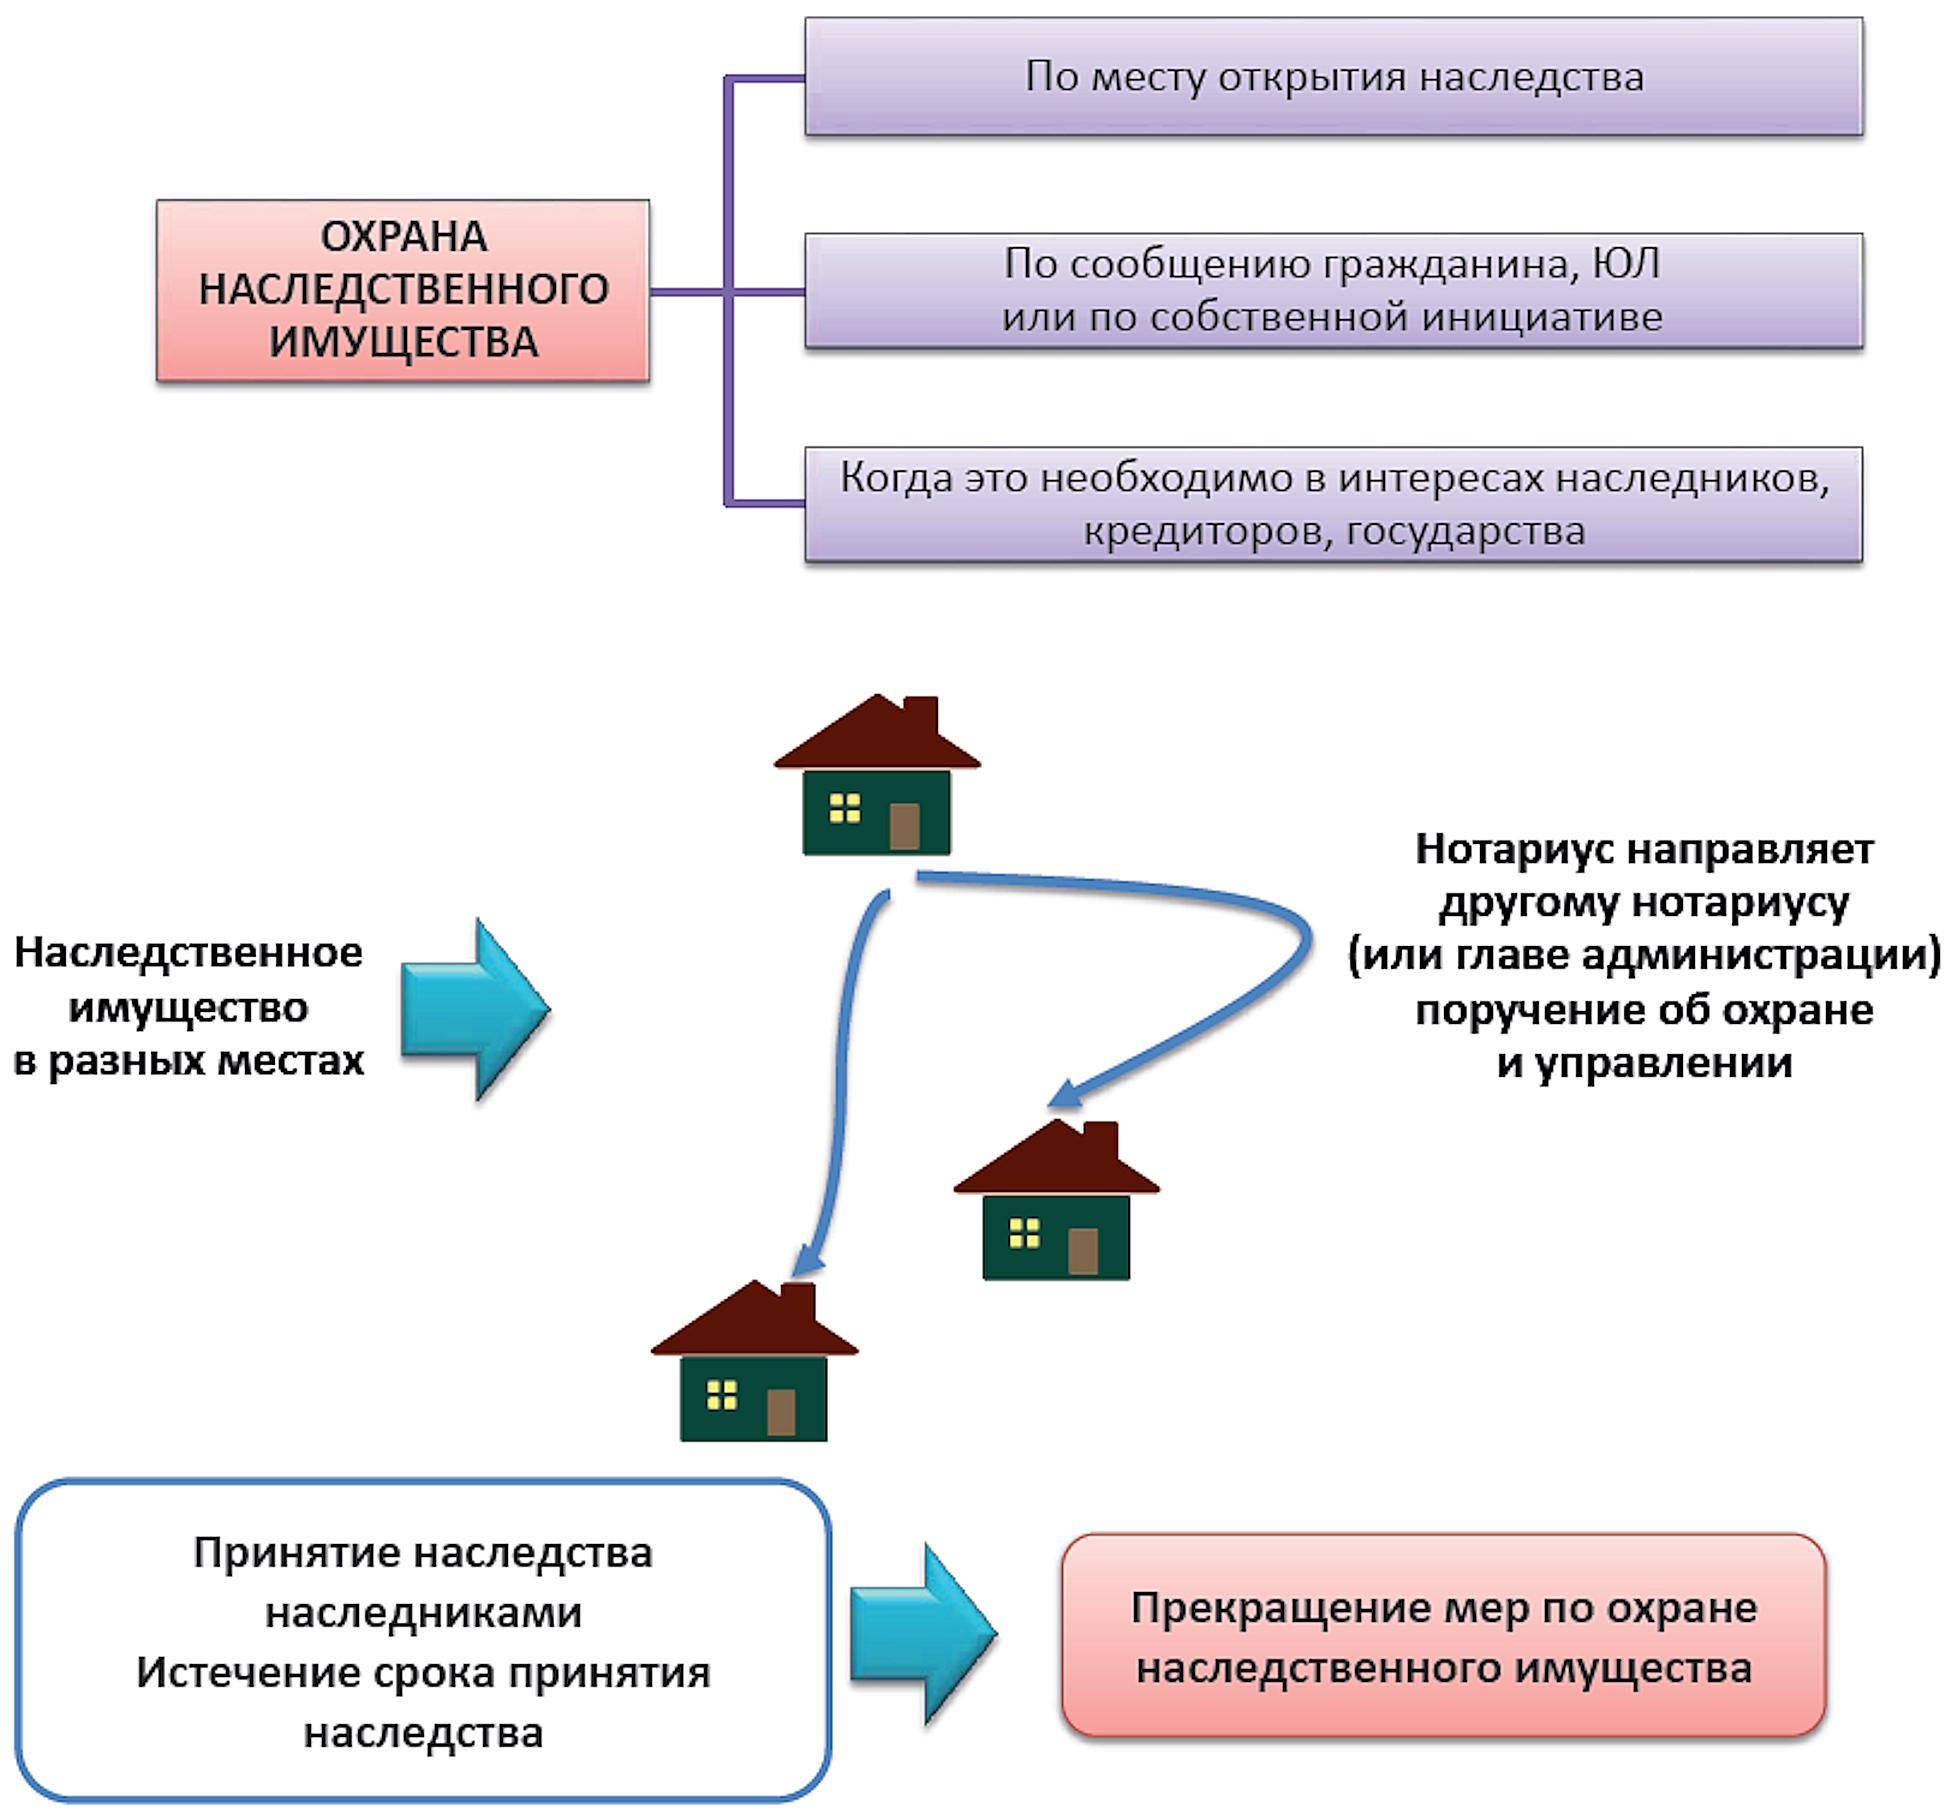 порядок охраны и управления наследственным имуществом